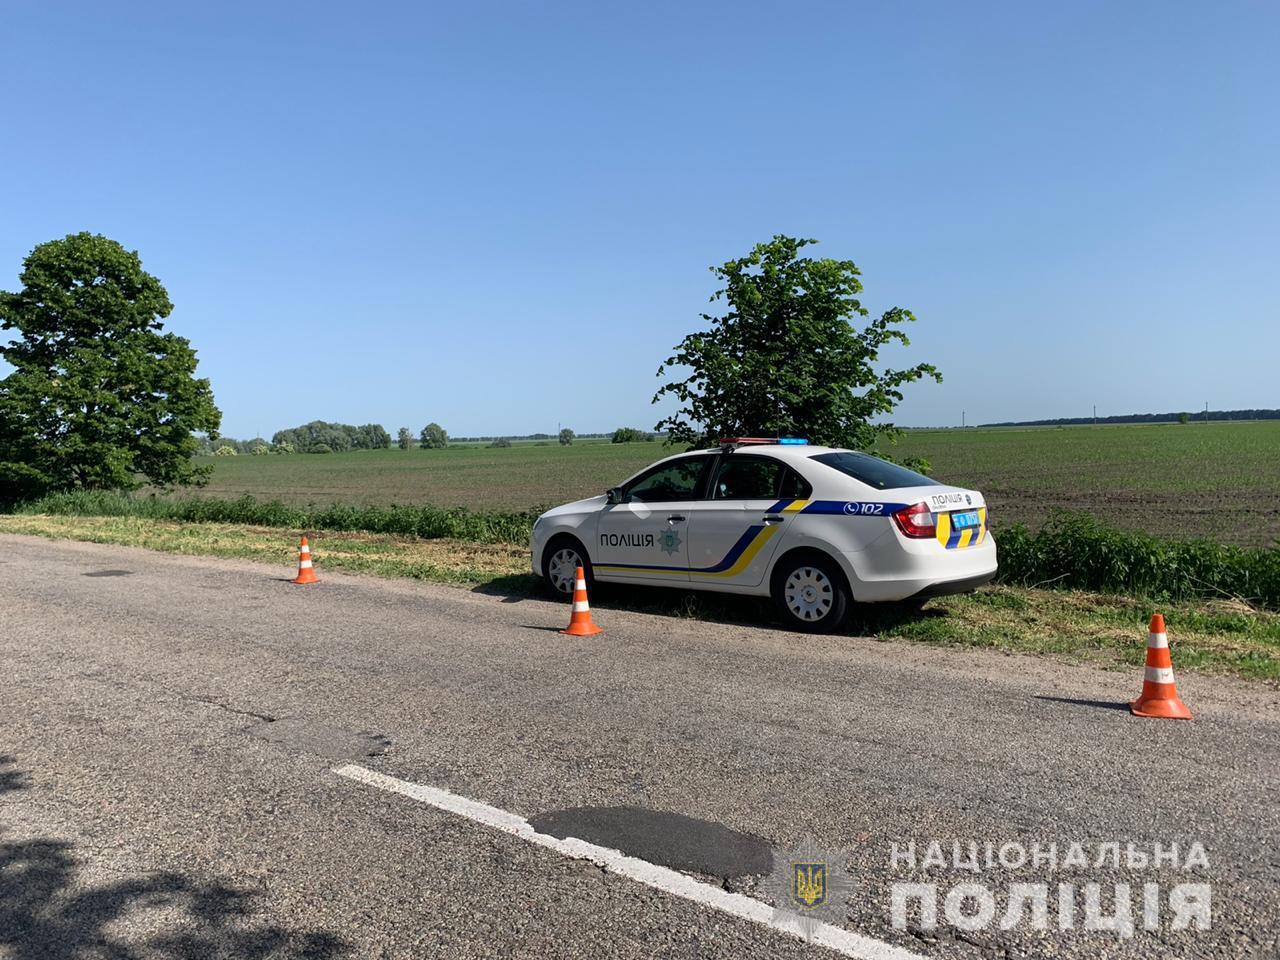 Знайшли тіло 24-річного жителя Кагарлика, якого розшукували рідні (ВІДЕО) - Кагарлик, ДТП, відділення поліції - dtpkag3